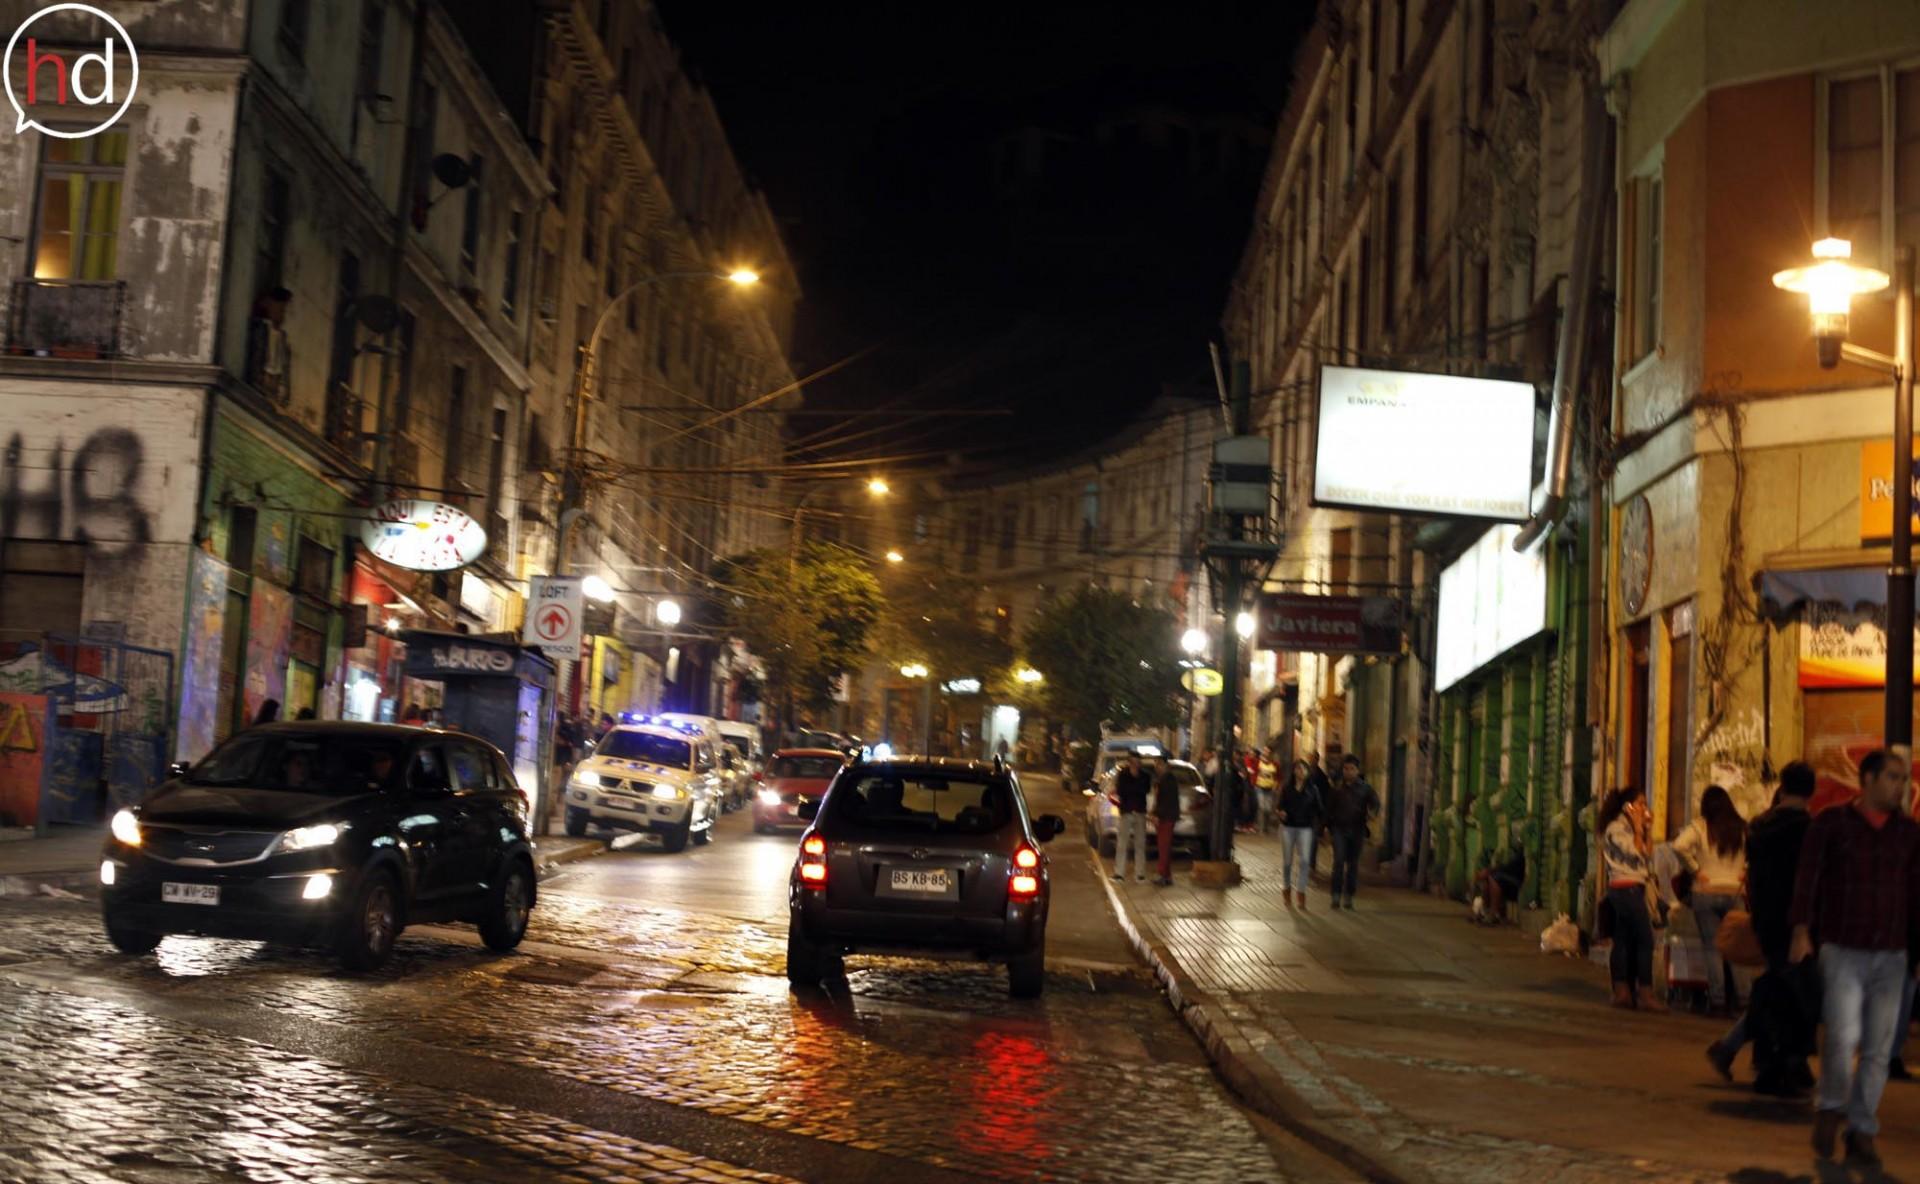 El decreto también obligó al cierre de locales nocturnos y botillerías, como los de la Subida Ecuador.